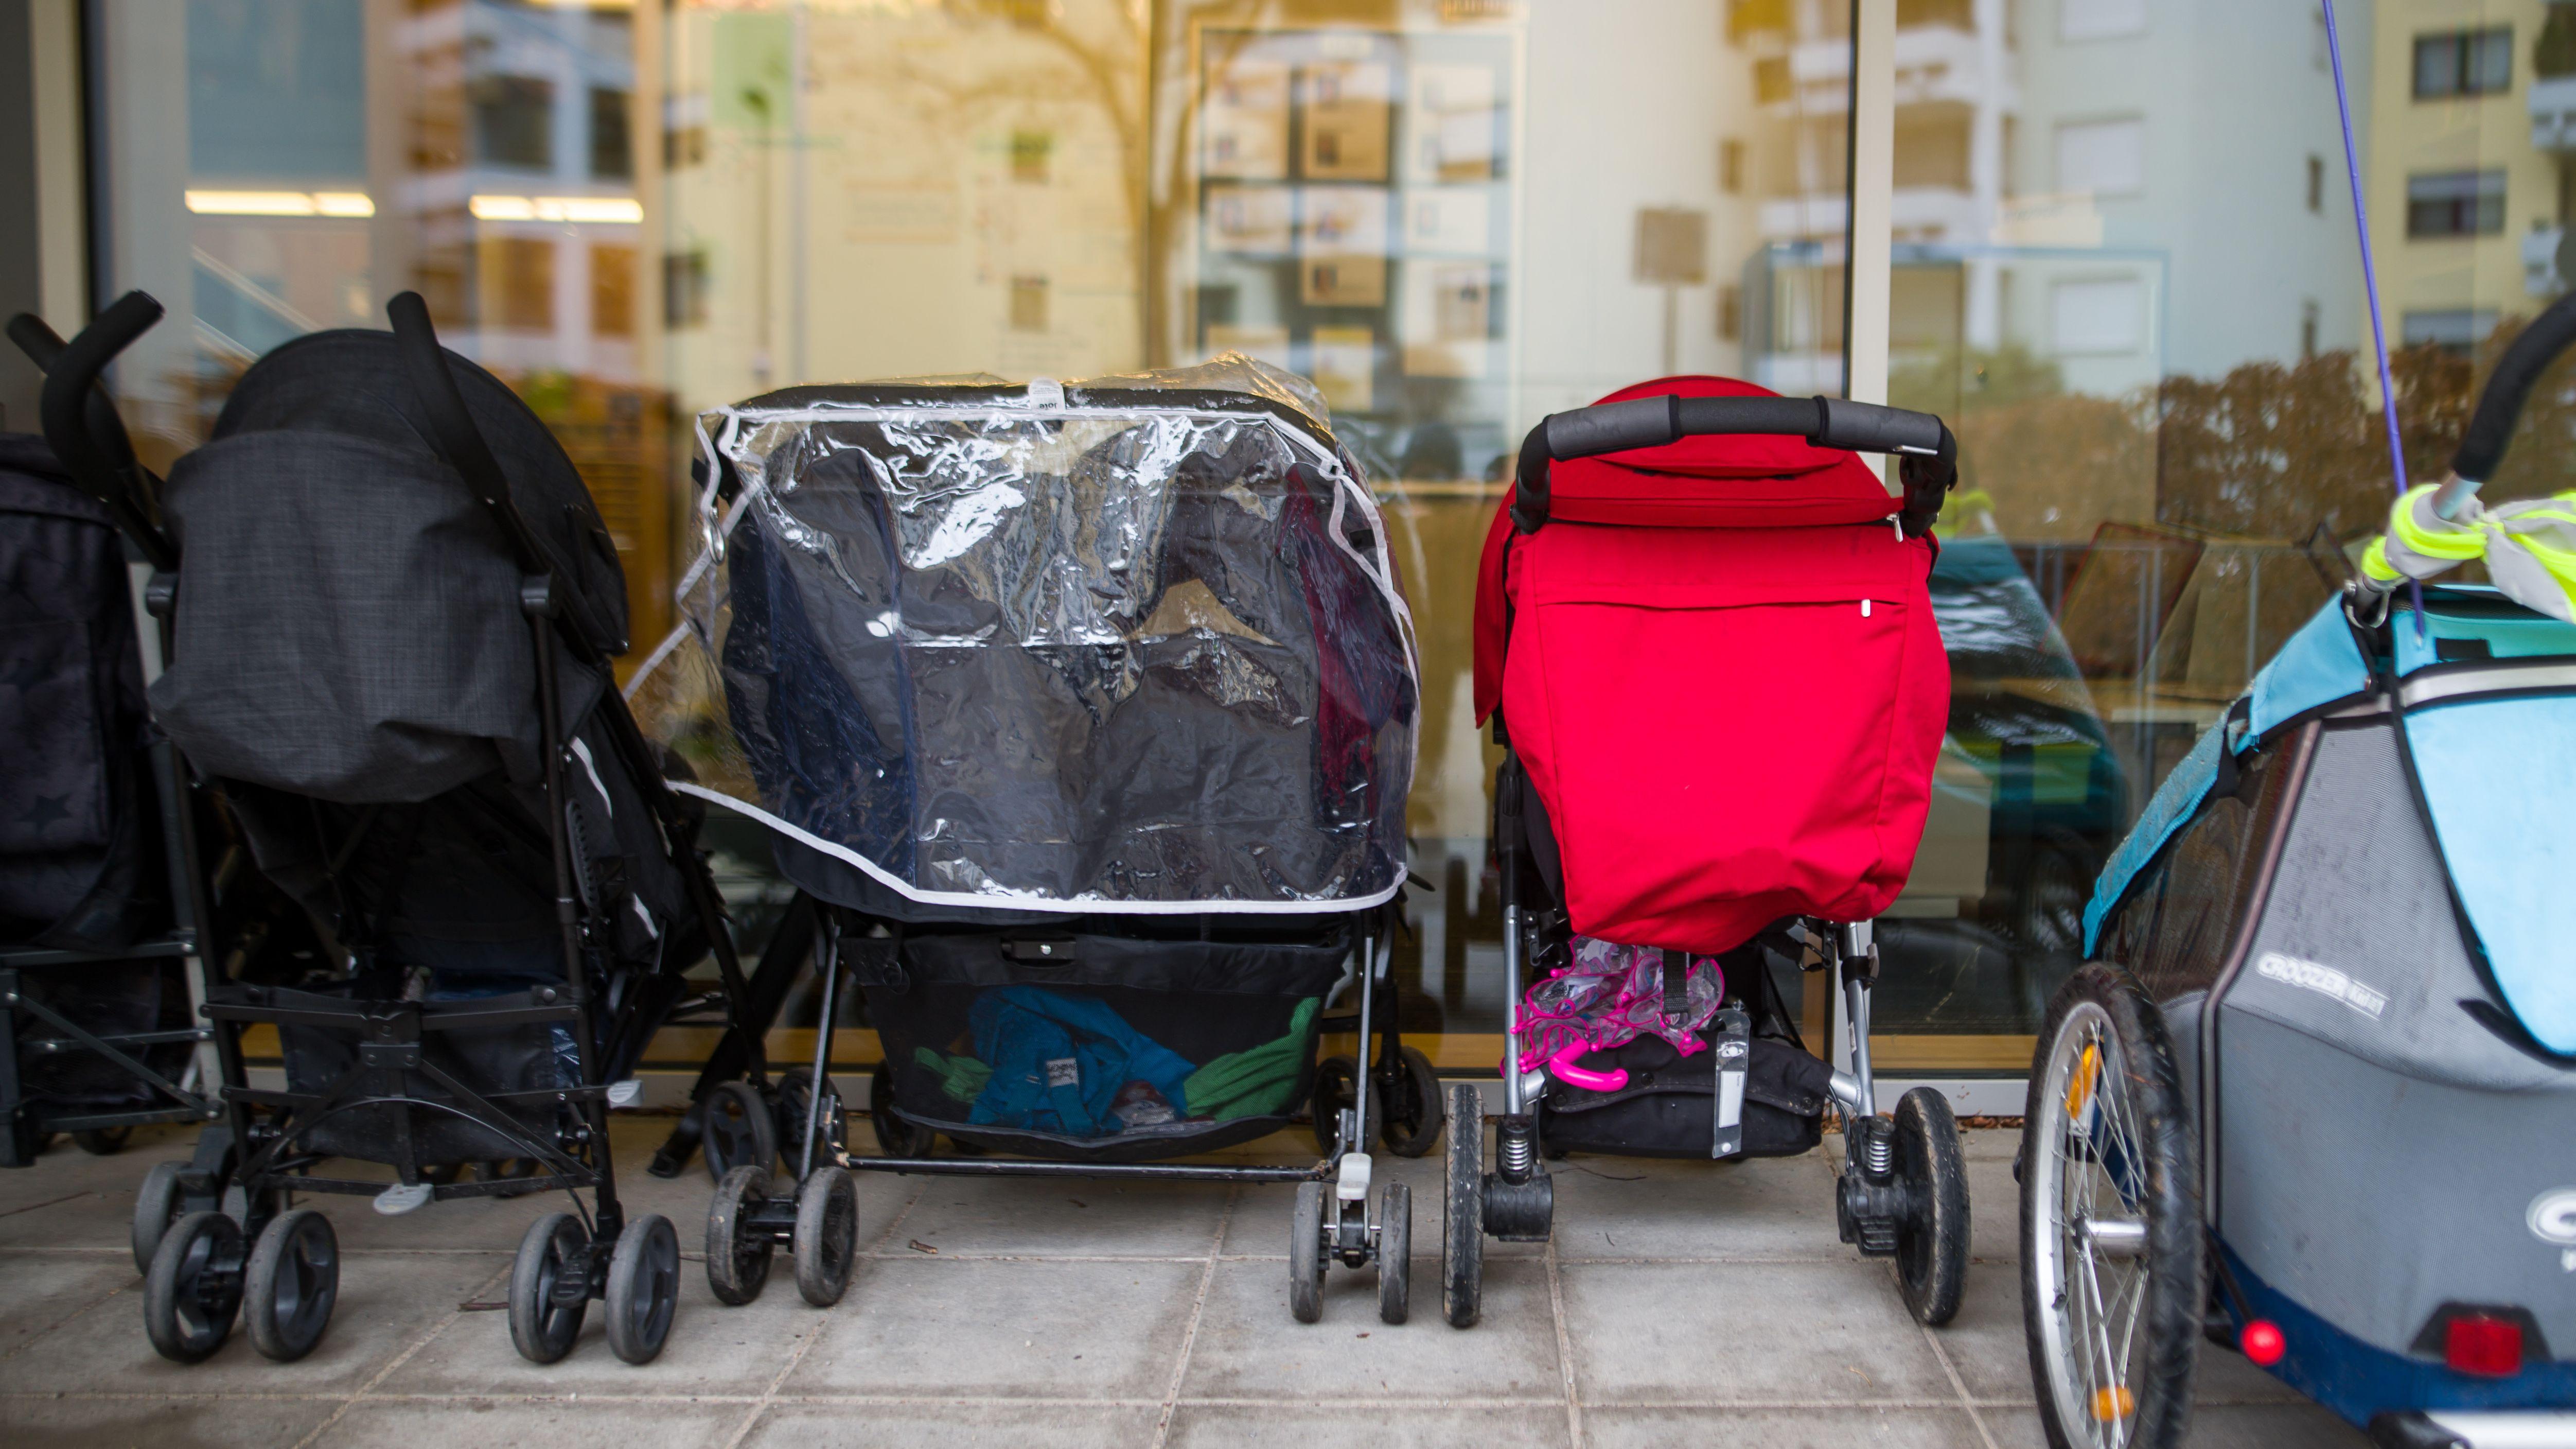 Kinderwägen vor einer Kindertagesstätte